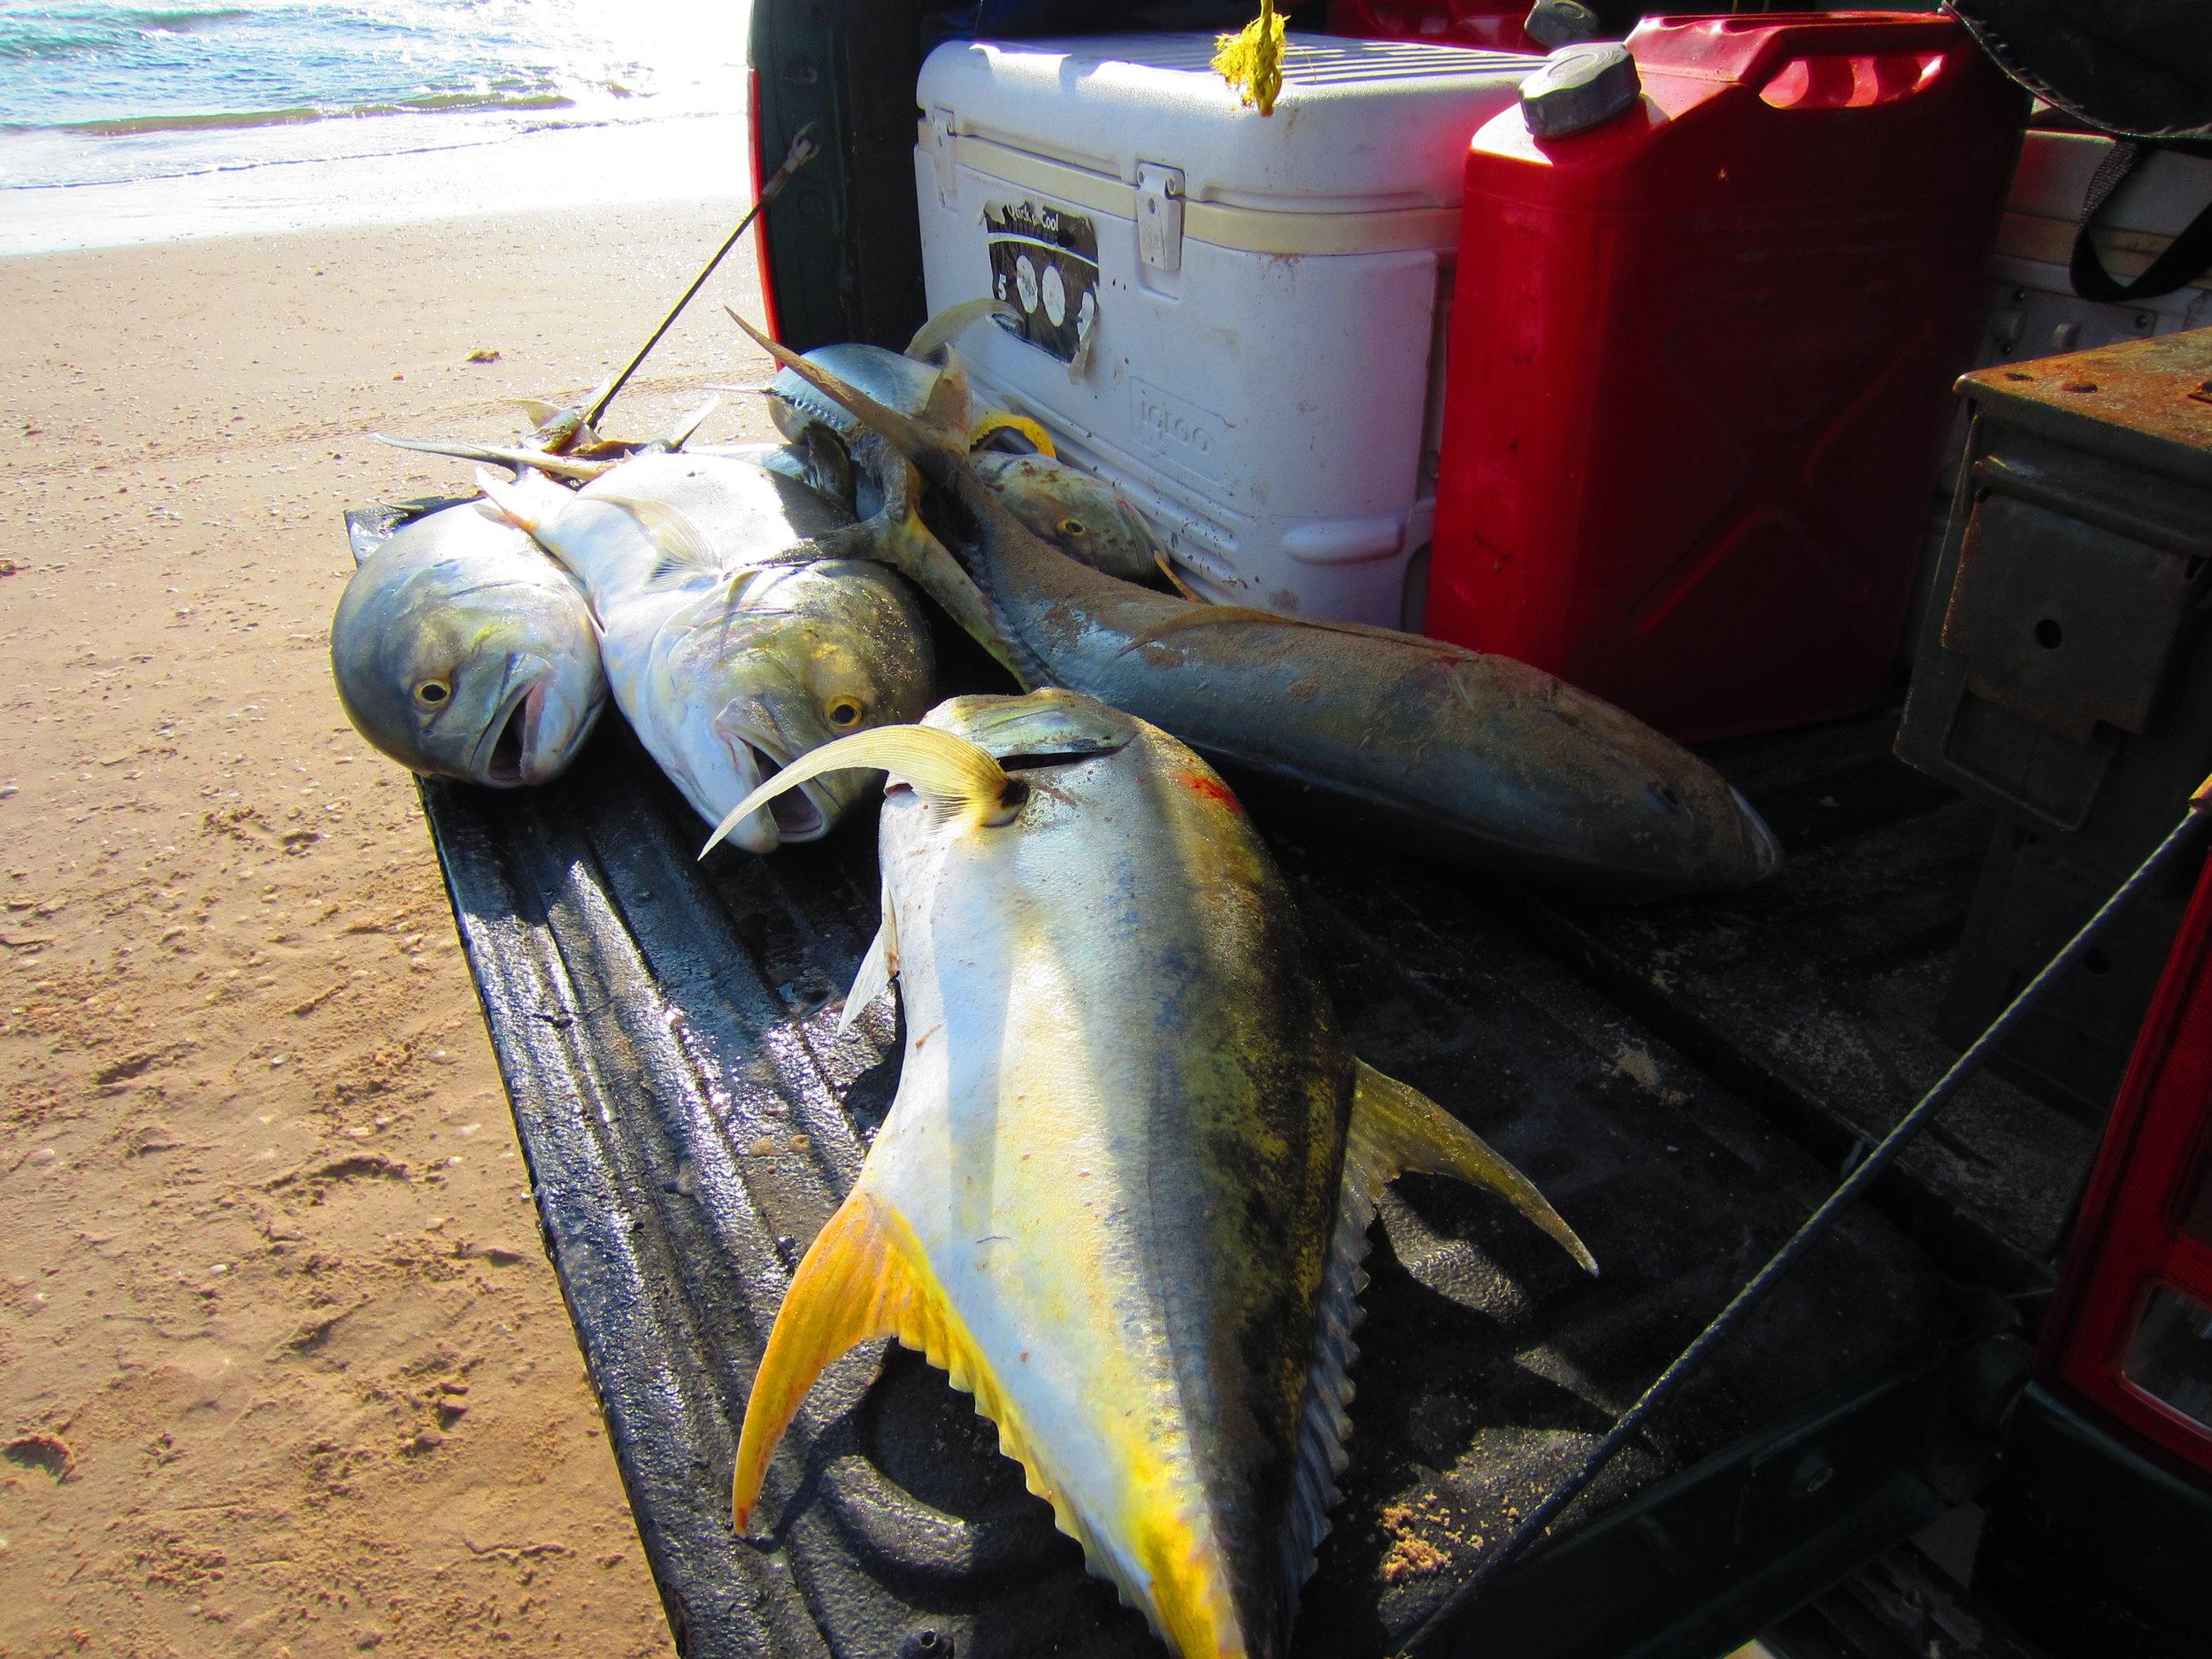 Six Jack Crevalle for shark bait